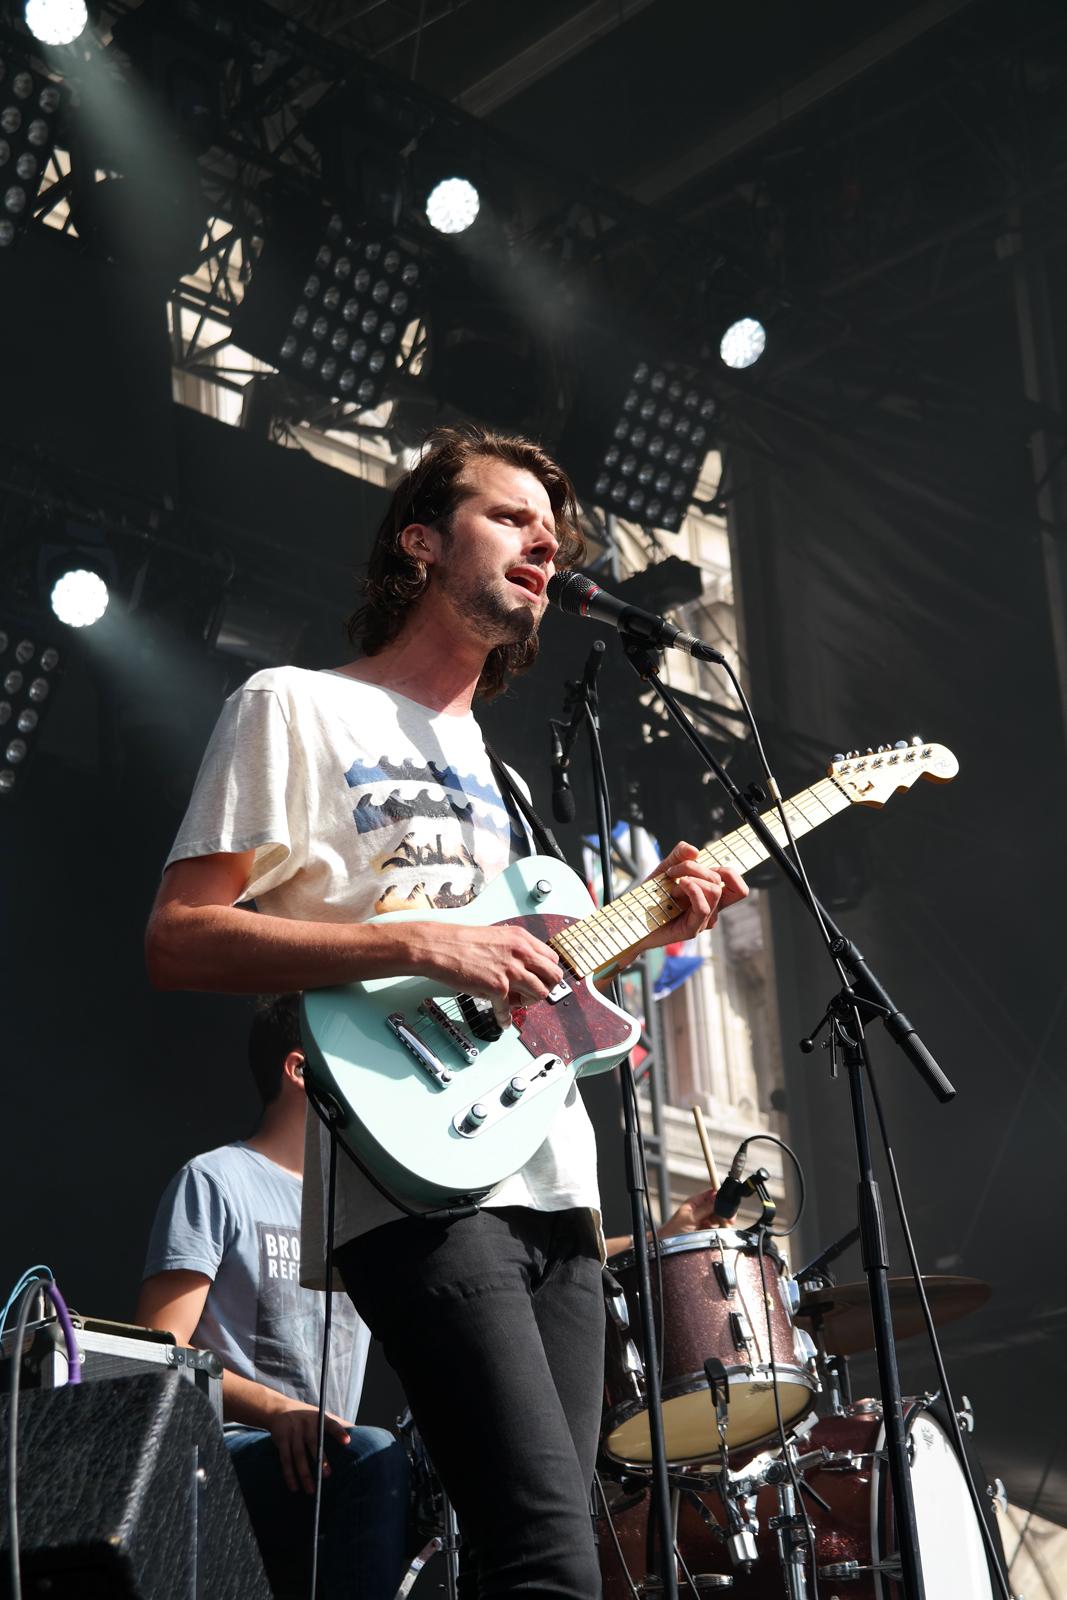 Dorian-chanteur-guitariste-groupe-Fuzeta-band-concert-fnaclive-festival-2015-musique-stage-Dive-EP-photo-scène-by-united-states-of-paris-blog